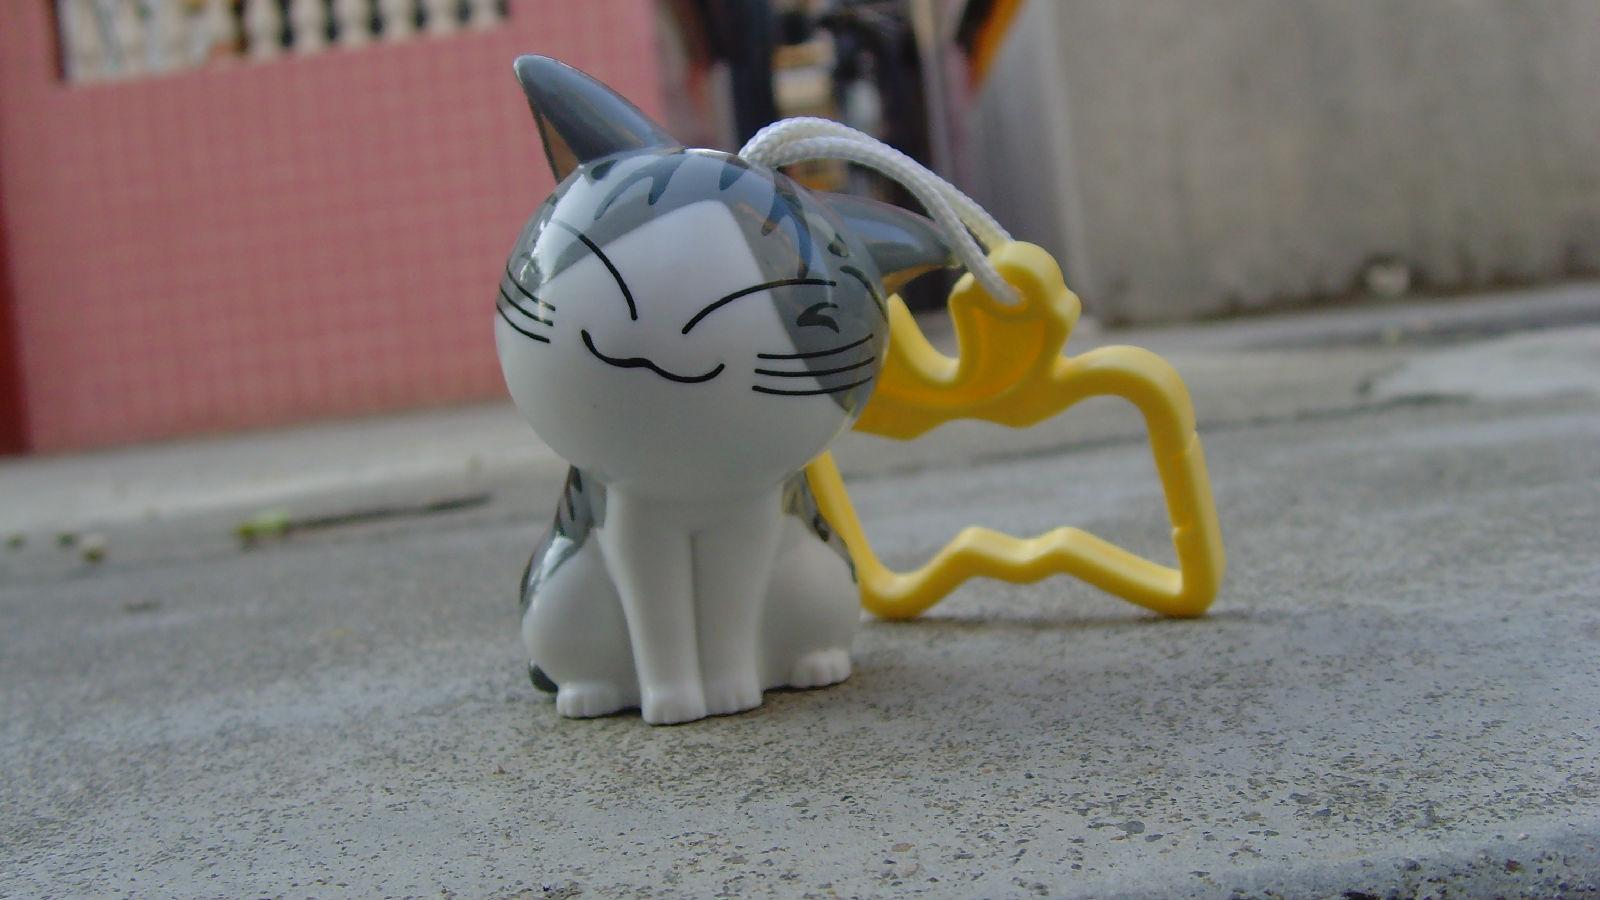 肯德基萌小奇女主角_肯德基小奇猫广告女_肯德基小奇猫,肯德基小奇猫女主角图片